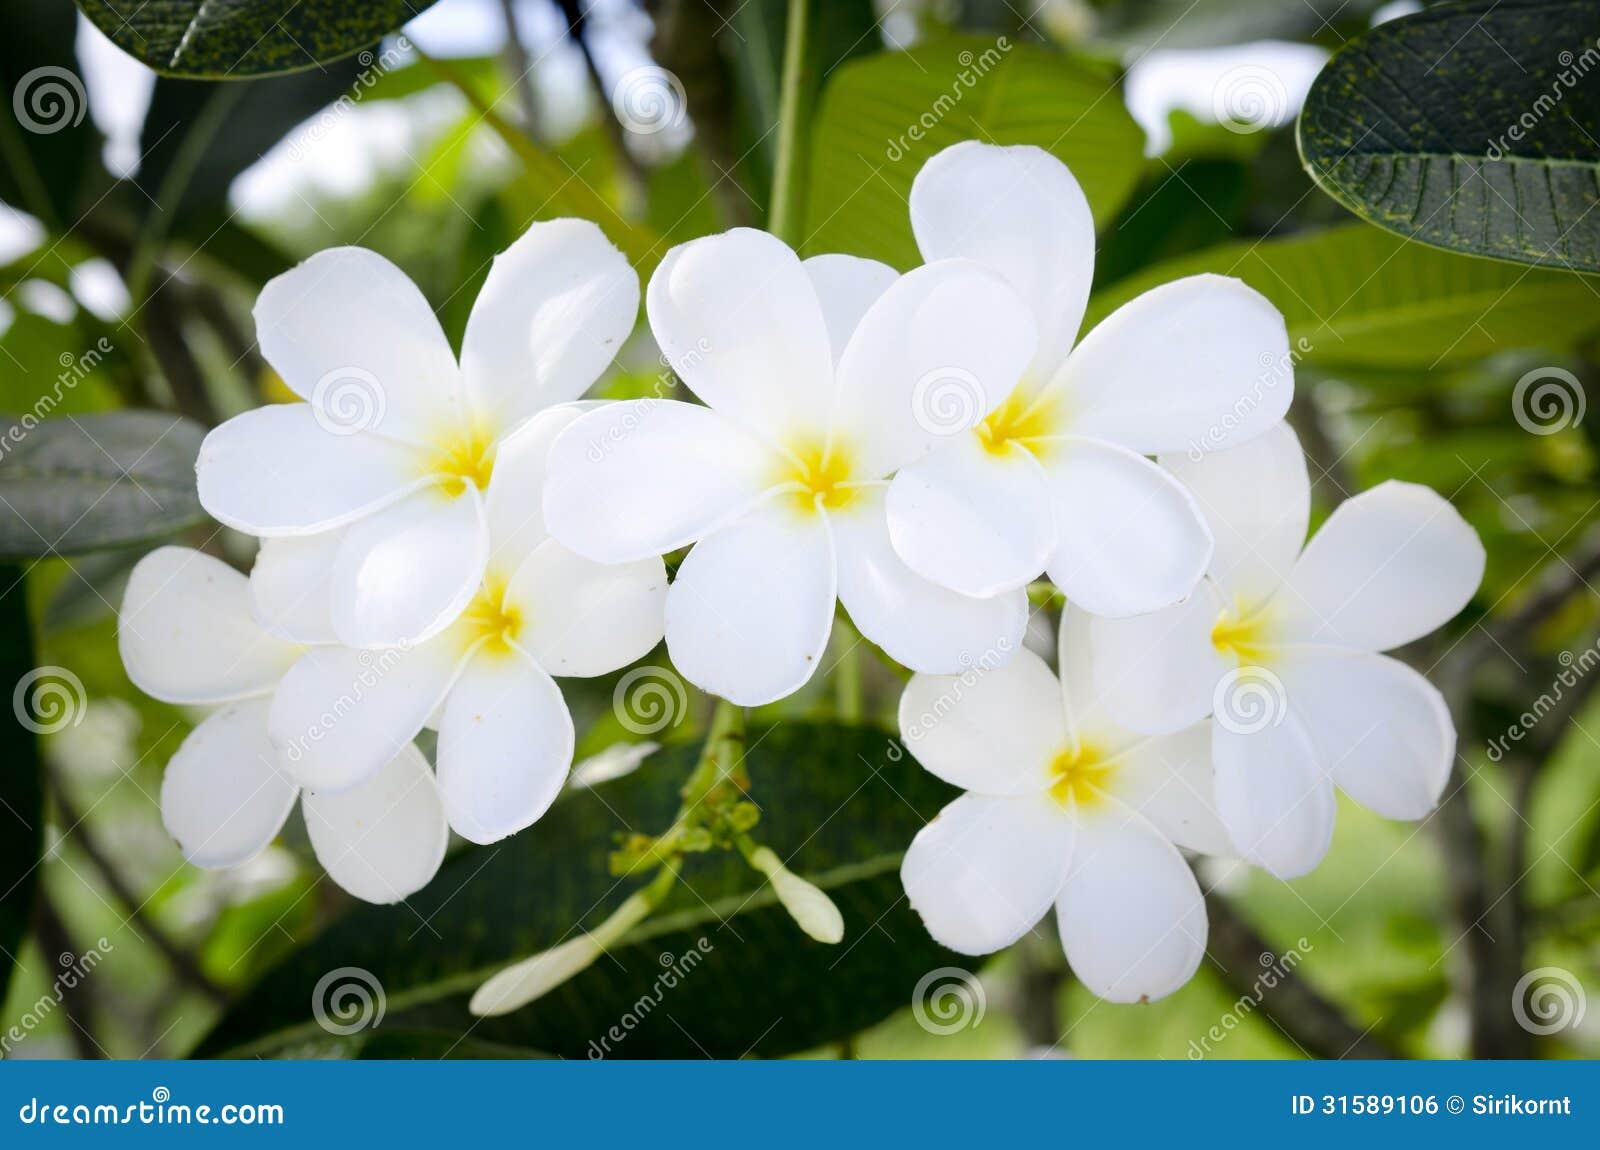 Fleur Tropicale Blanche Image libre de droits - Image: 31589106